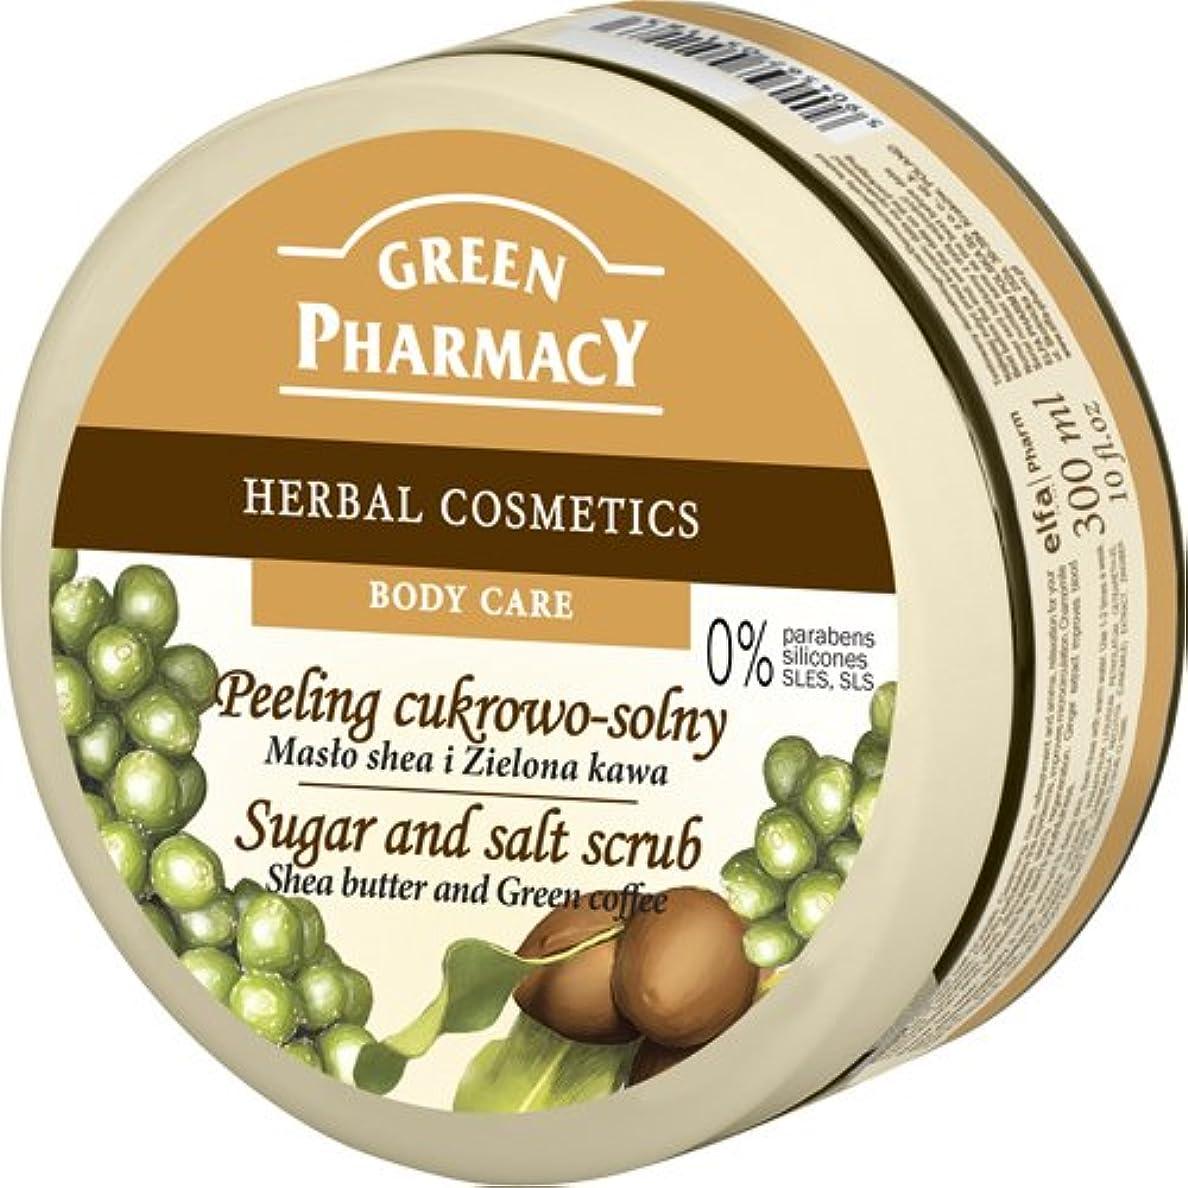 非効率的な優れた白雪姫Elfa Pharm Green Pharmacy シュガー&ソルトスクラブ Shea Butter and Green Coffee